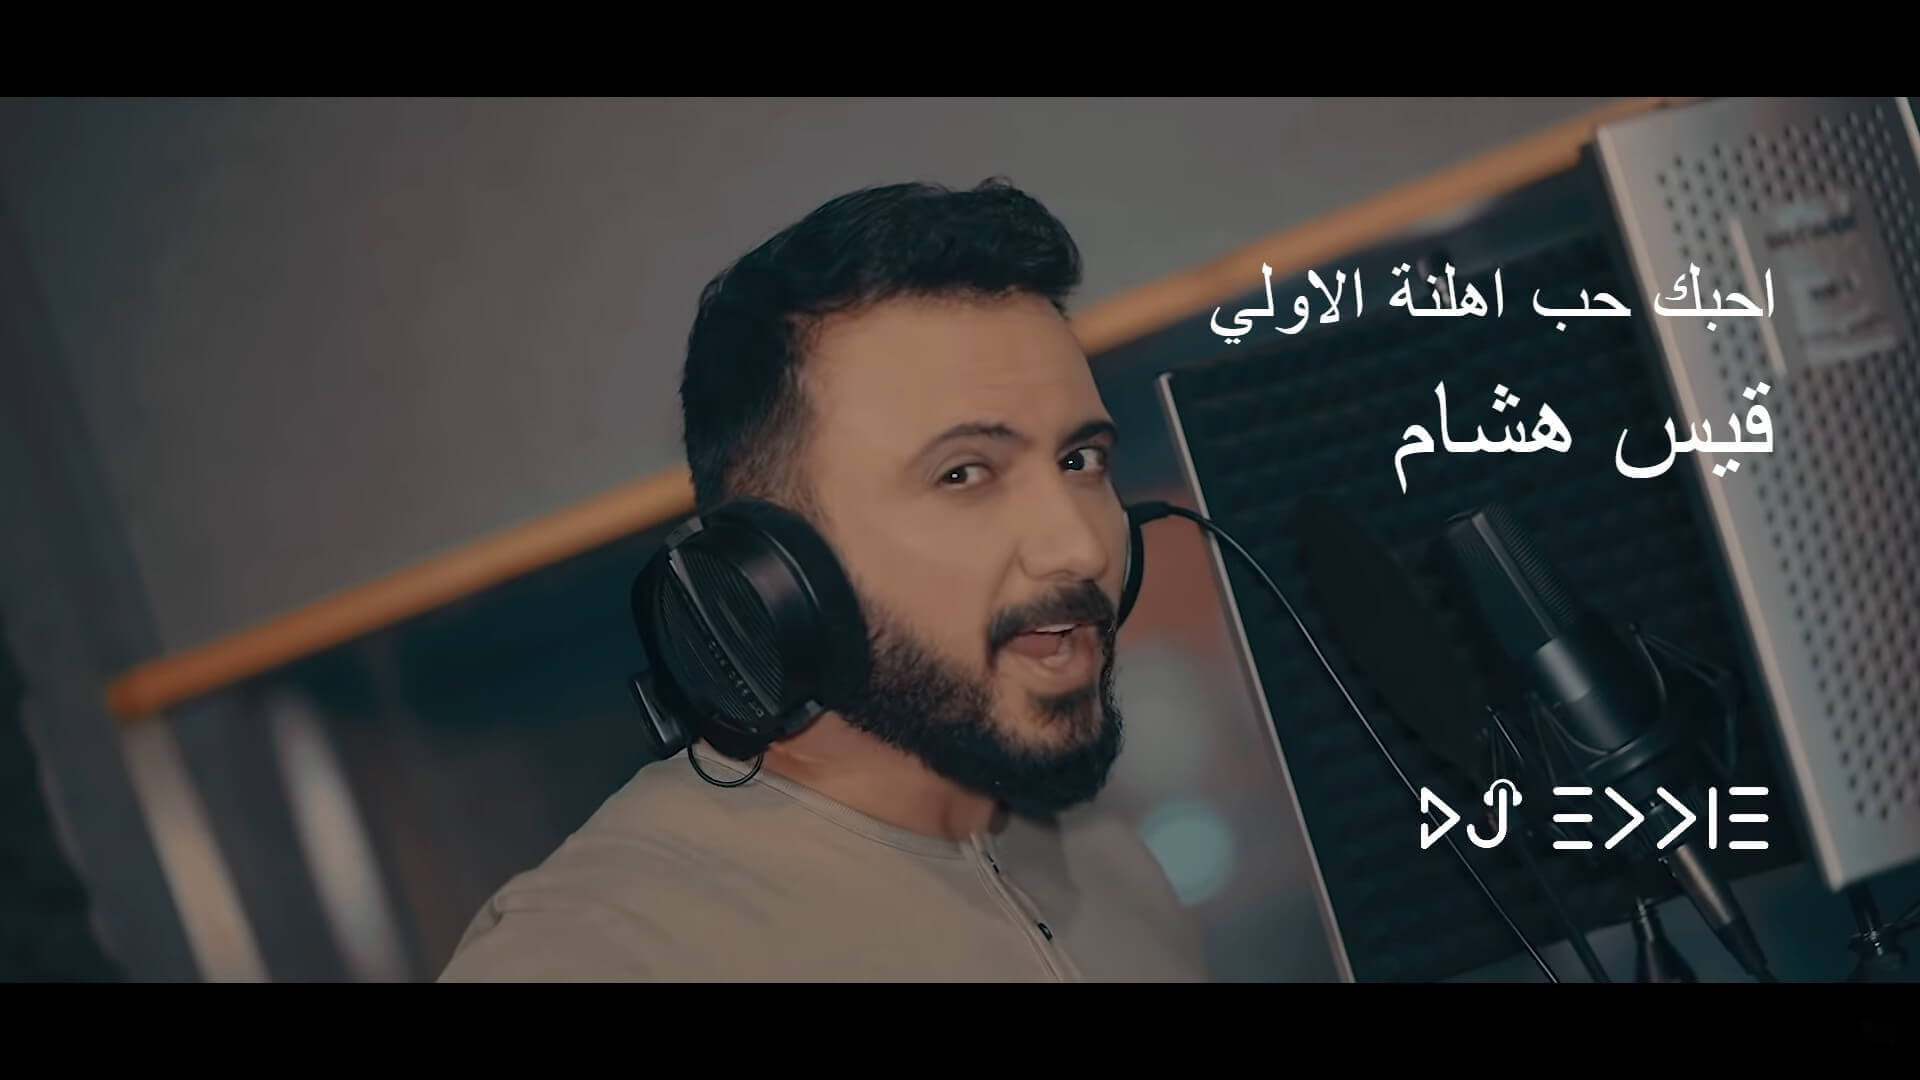 قيس هشام | احبك حب اهلنة الاولي Qays Hisham - Habak Hub